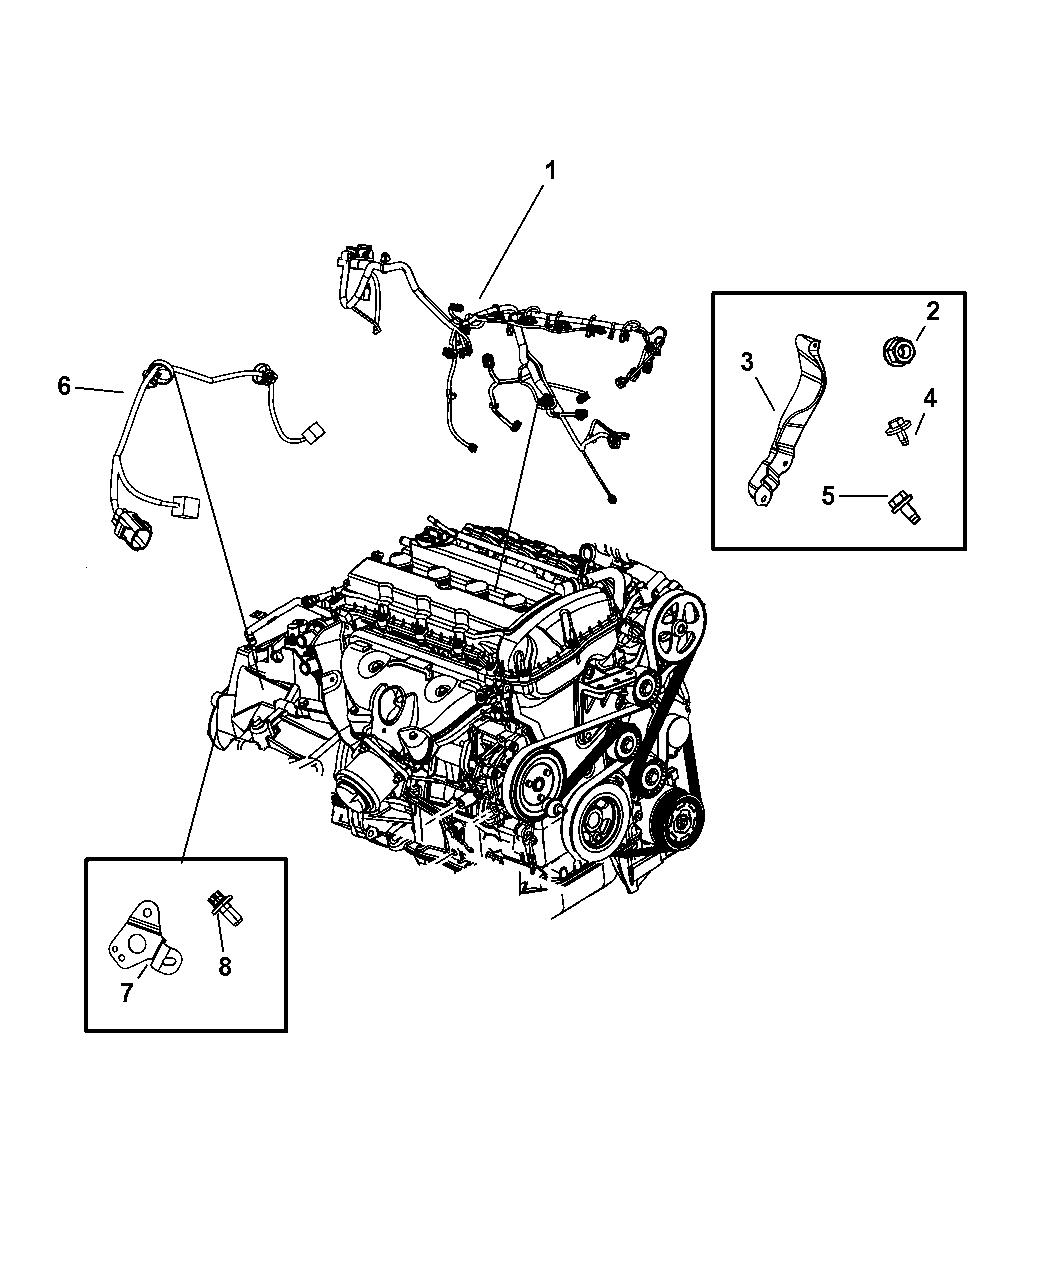 4795876AB - Genuine Mopar BRACKET-WIRING